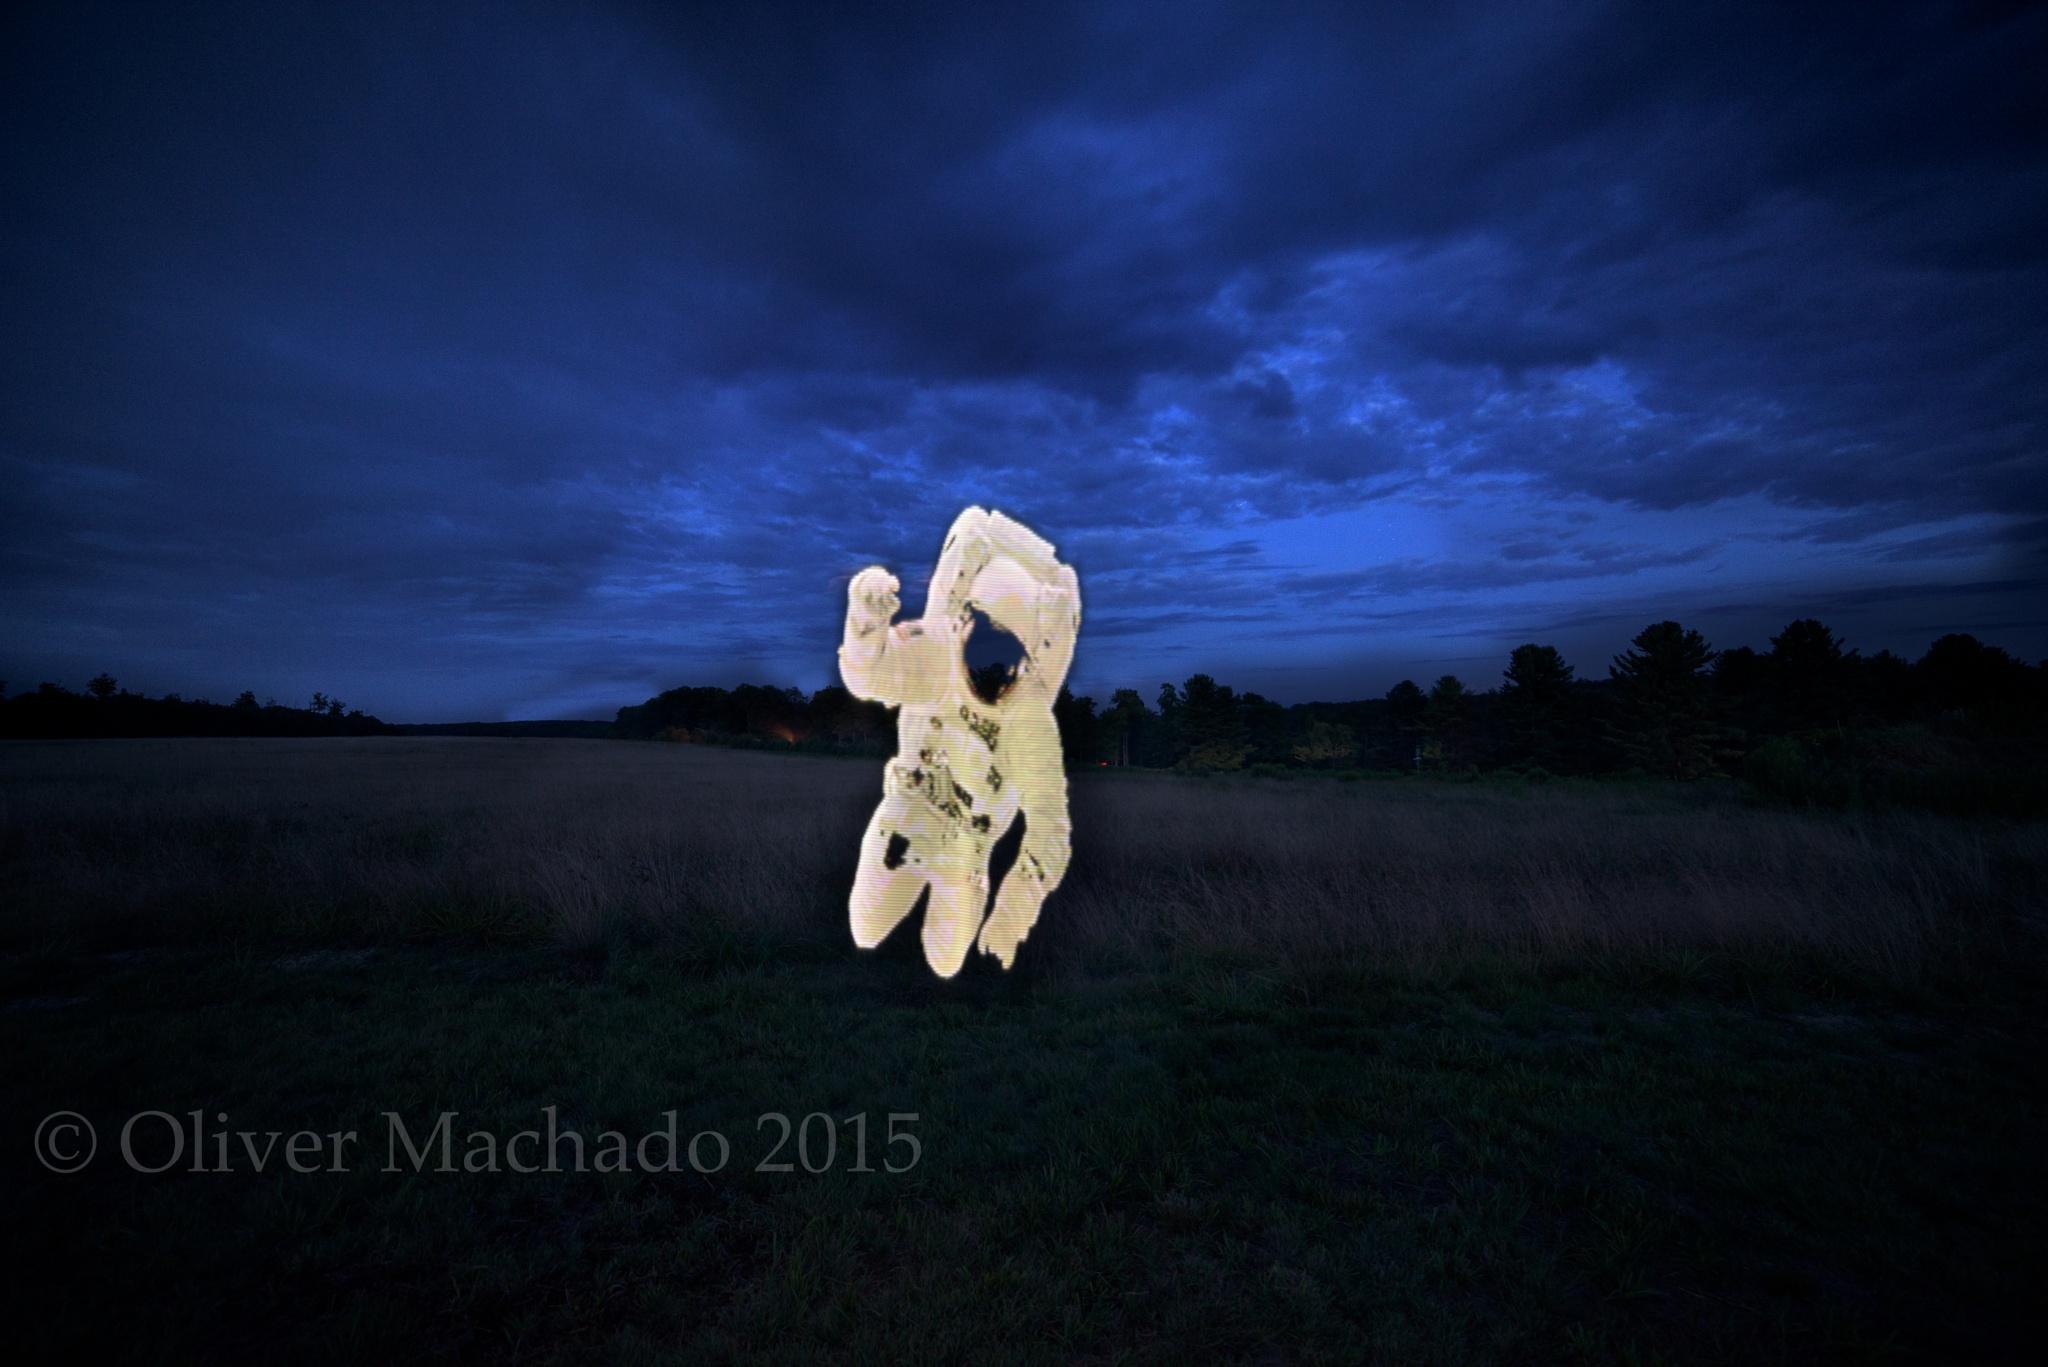 Interstellar Visitor by Oliver Machado